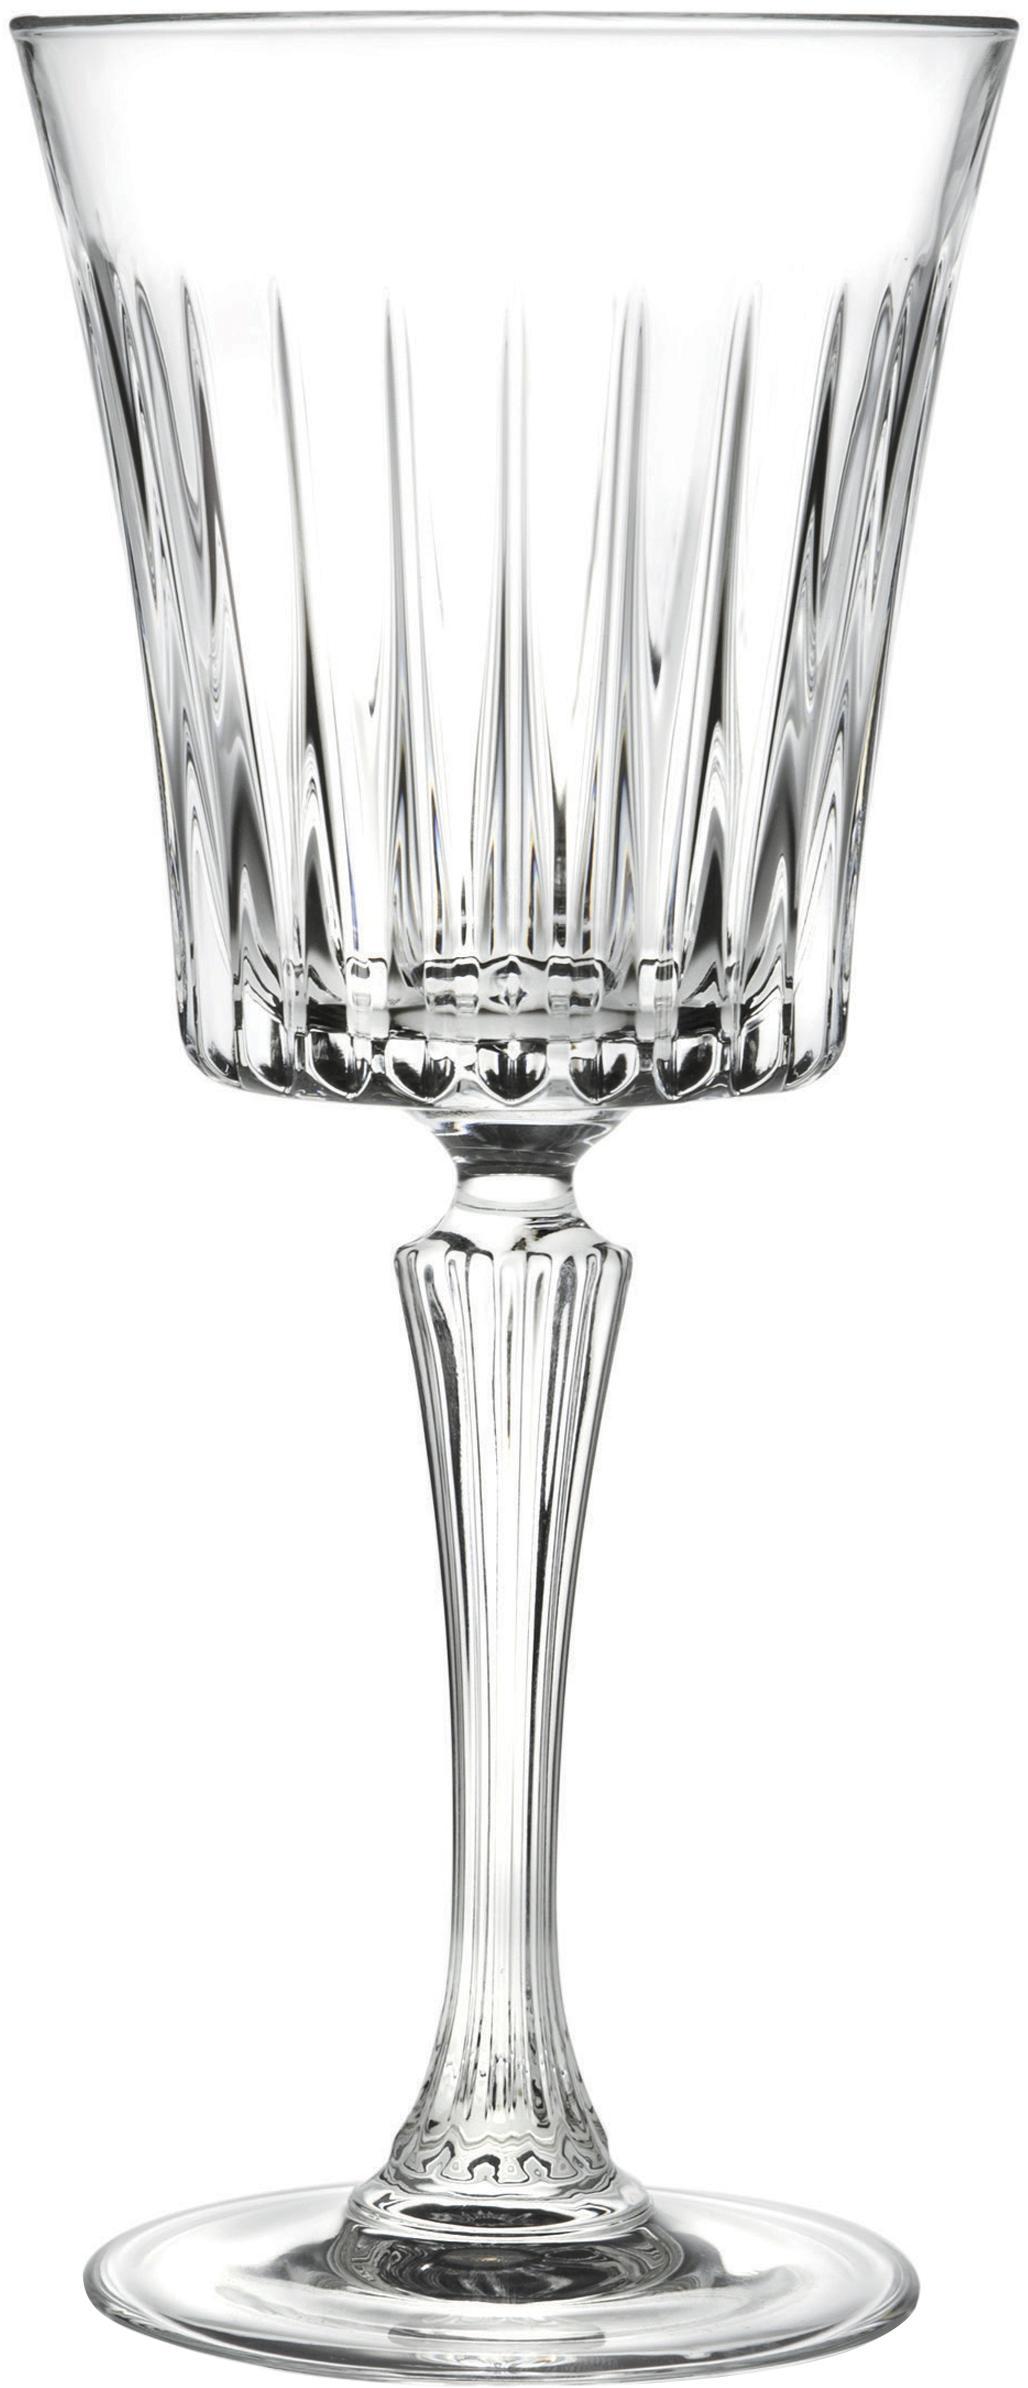 Bicchiere da vino bianco in cristallo  Timeless 6 pz, Vetro di cristallo, Trasparente, Ø 8 x Alt. 20 cm